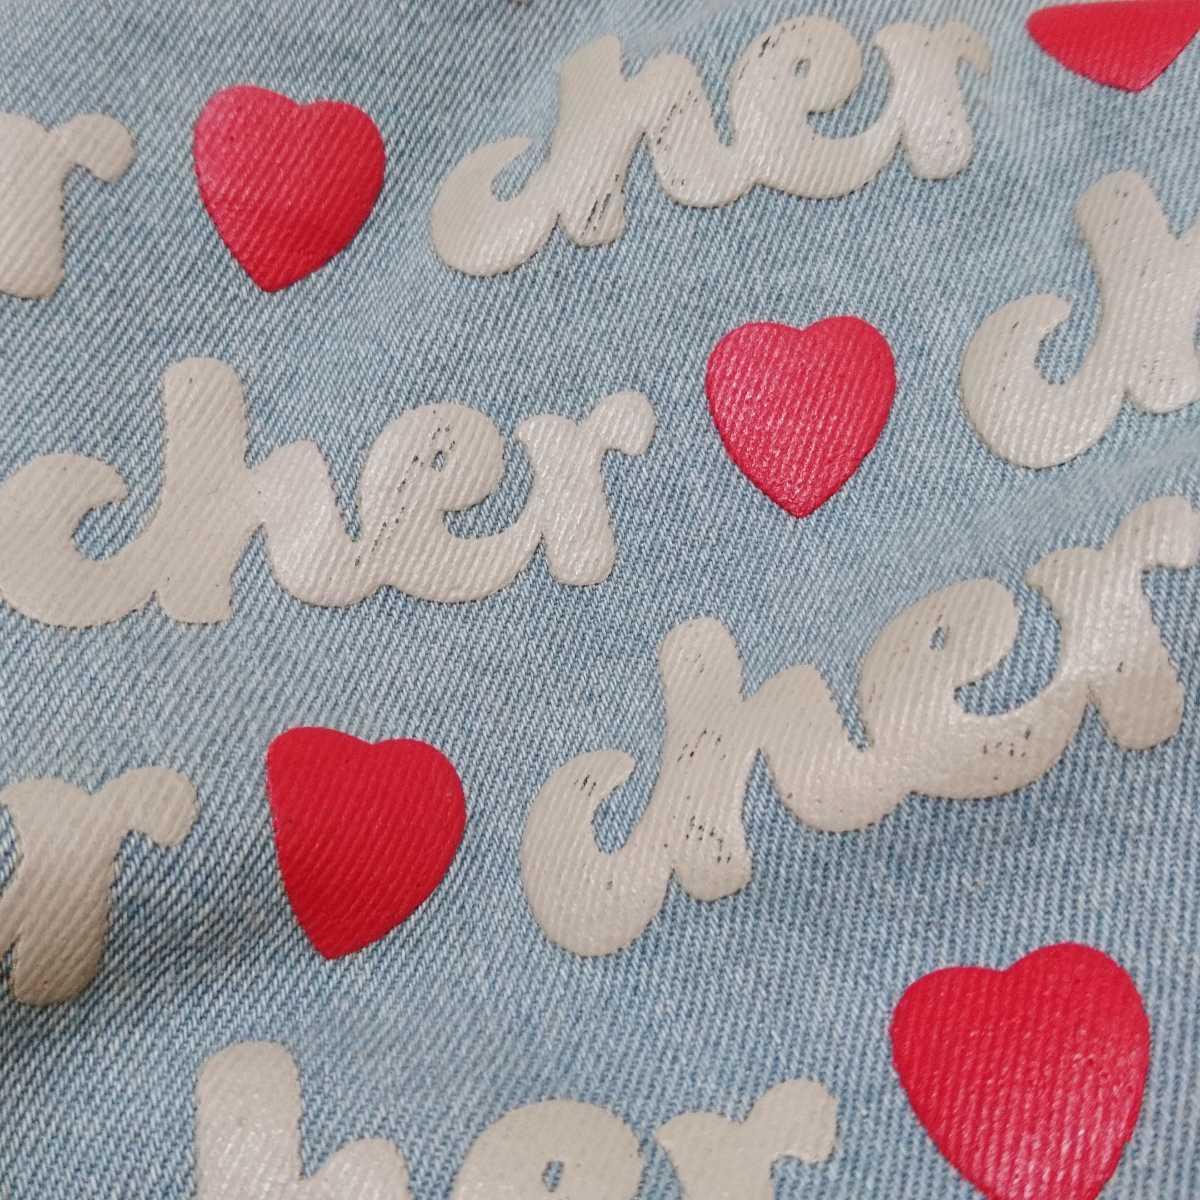 ブランド Cher シェル トートバッグ 雑誌付録 付録 サブバック デニム レア 希少 お弁当 習い事 お出かけ 旅行 カバン 鞄 _画像3